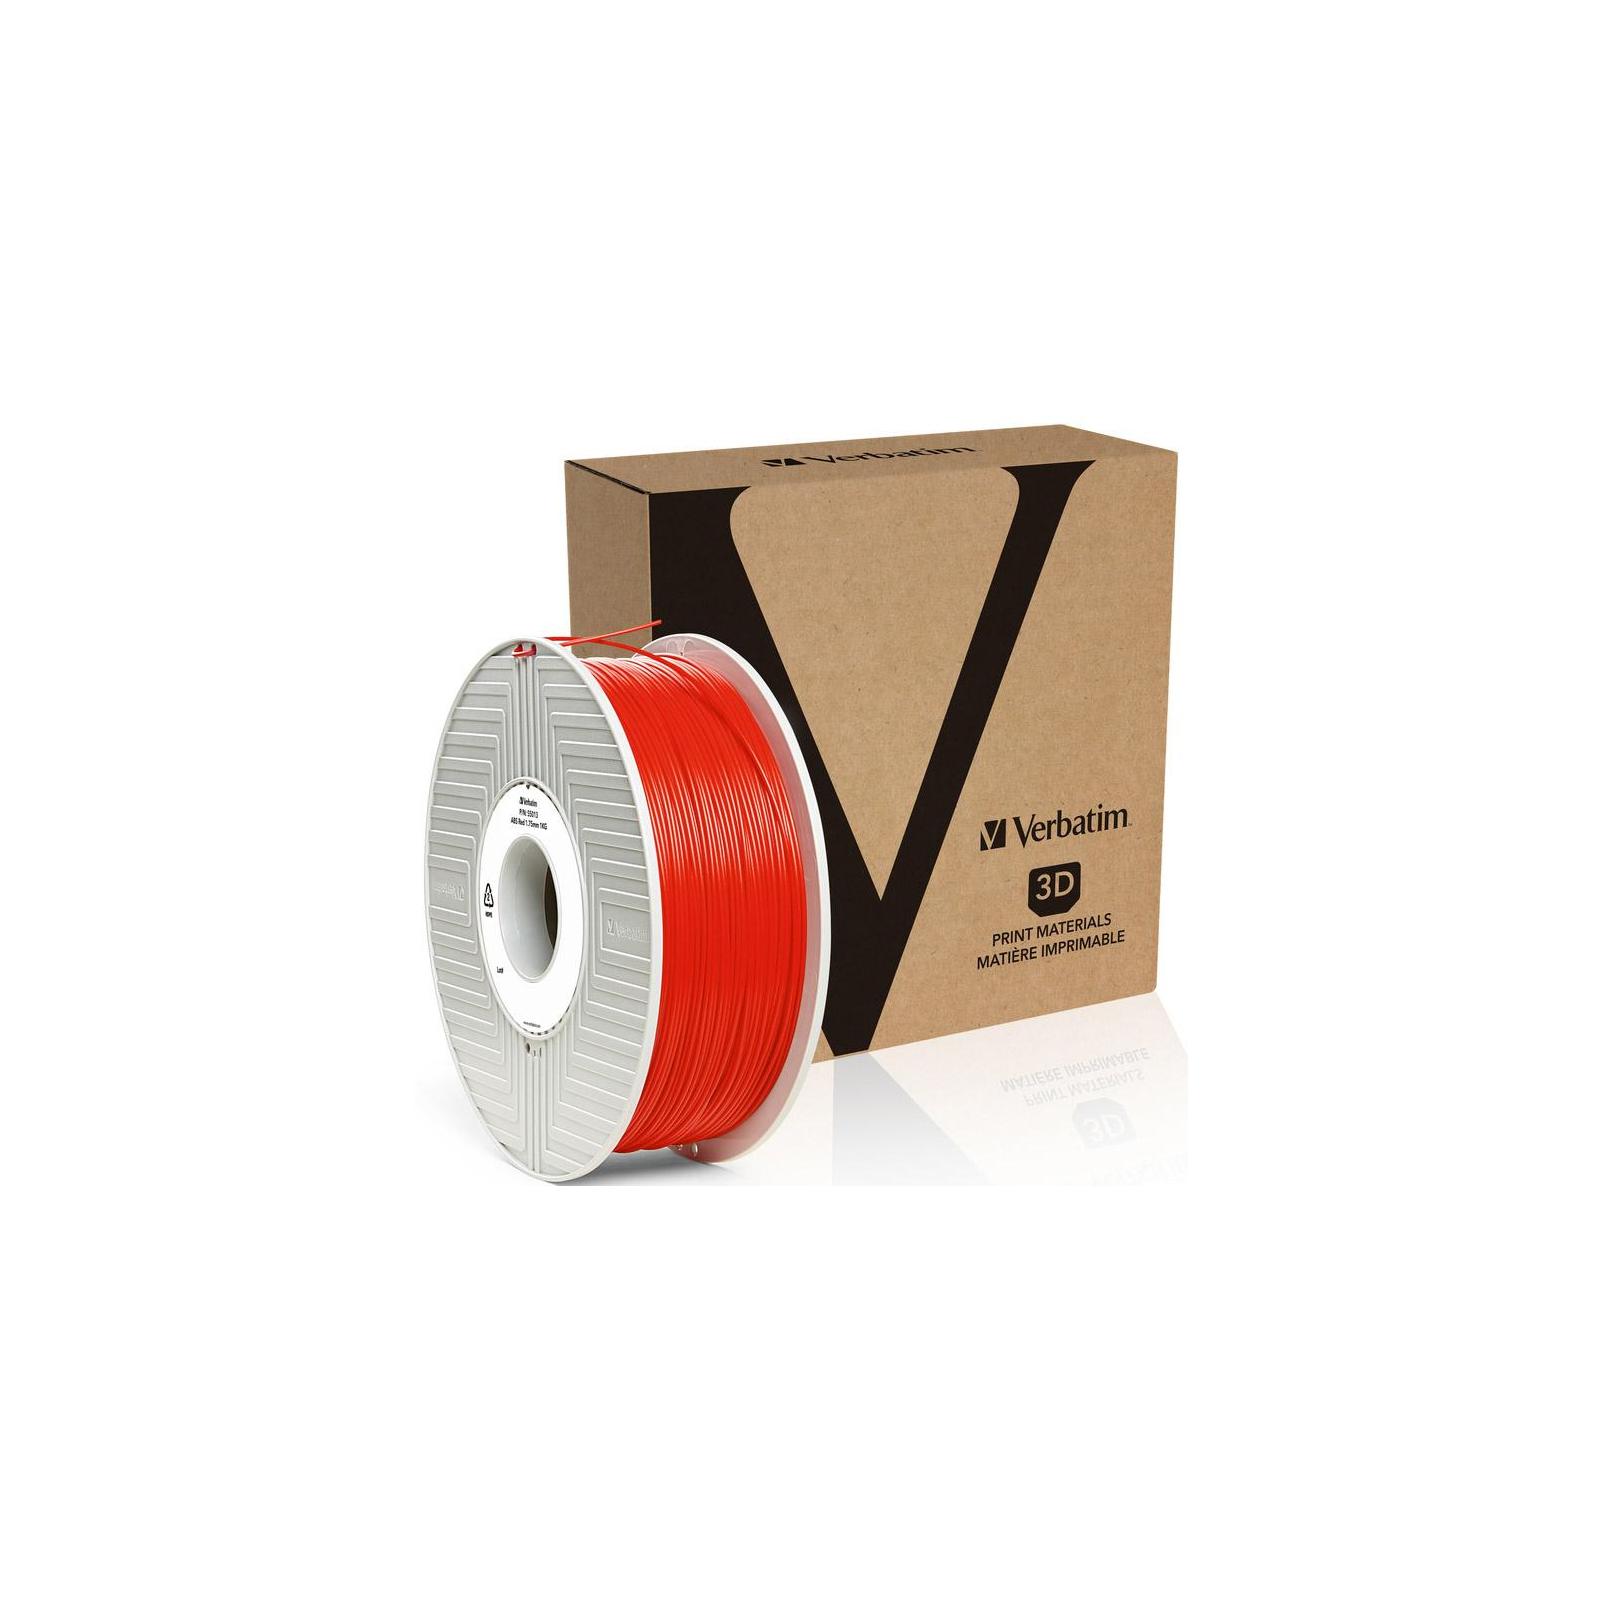 Пластик для 3D-принтера Verbatim ABS 1.75 mm red 1kg (55013) изображение 3